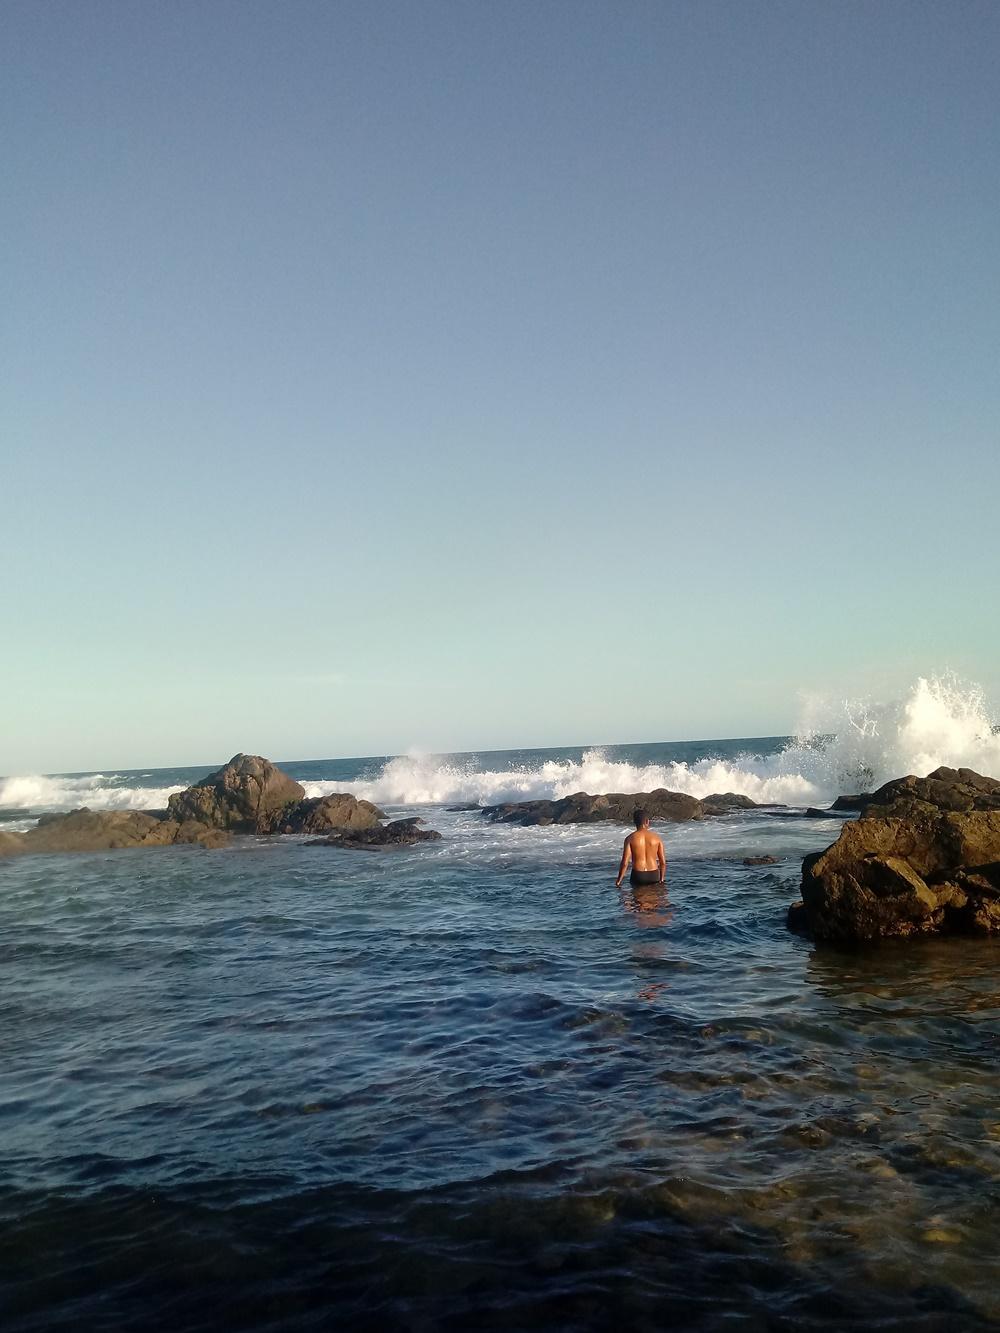 Praia da barra Salvador Bahia